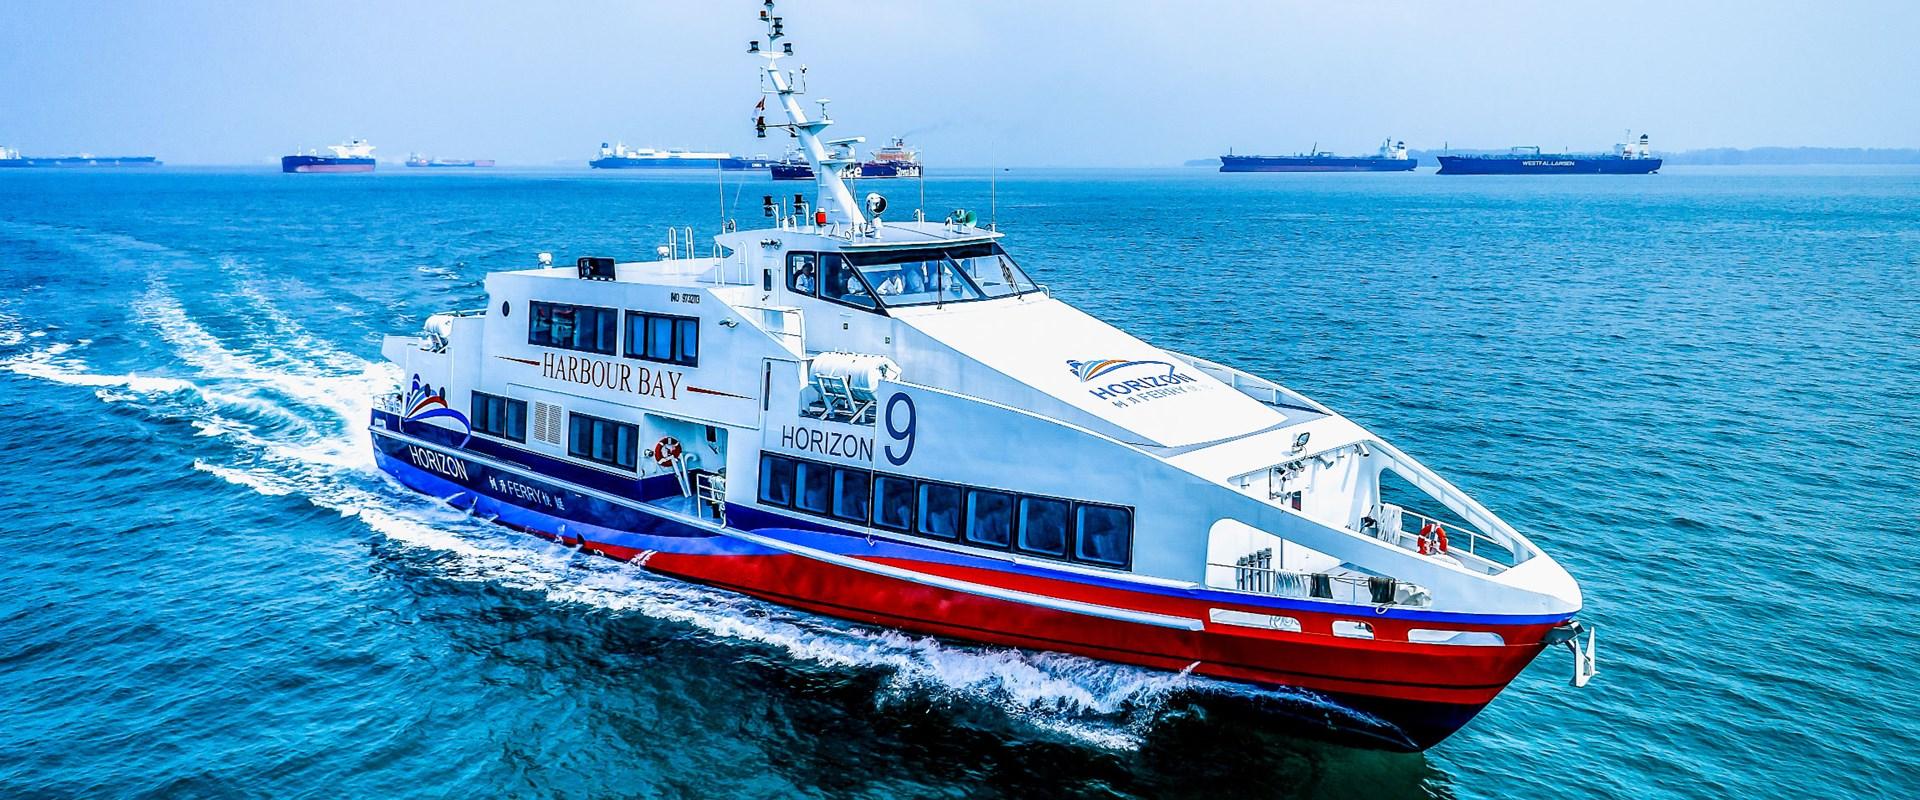 Fast Ferry Fast Ferry Designs